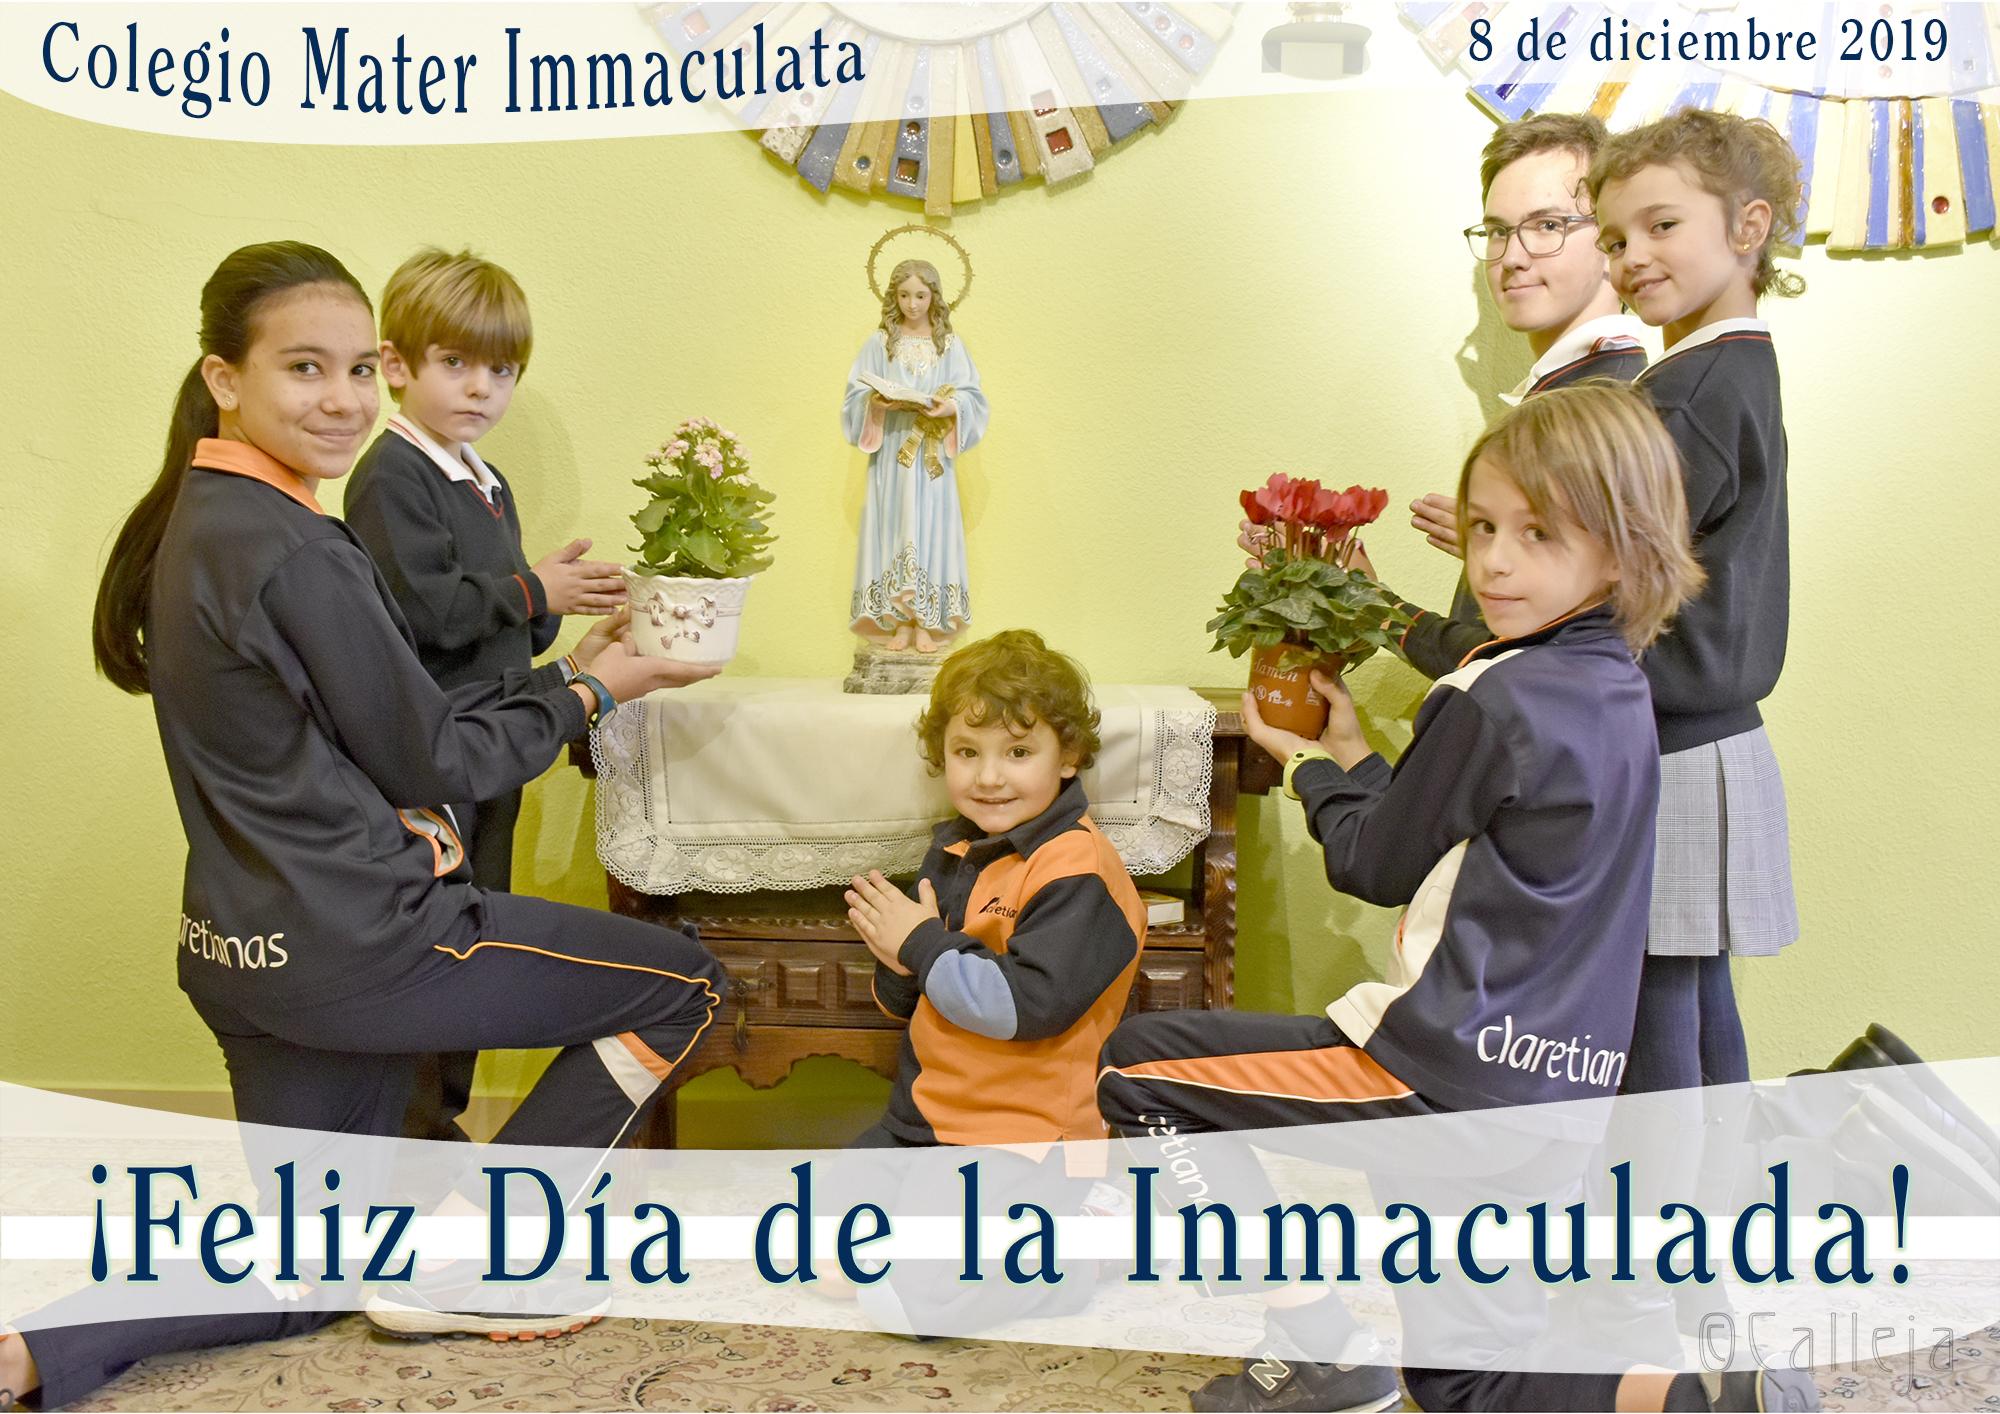 De fiesta en nuestro Colegio Mater Immaculata de Madrid